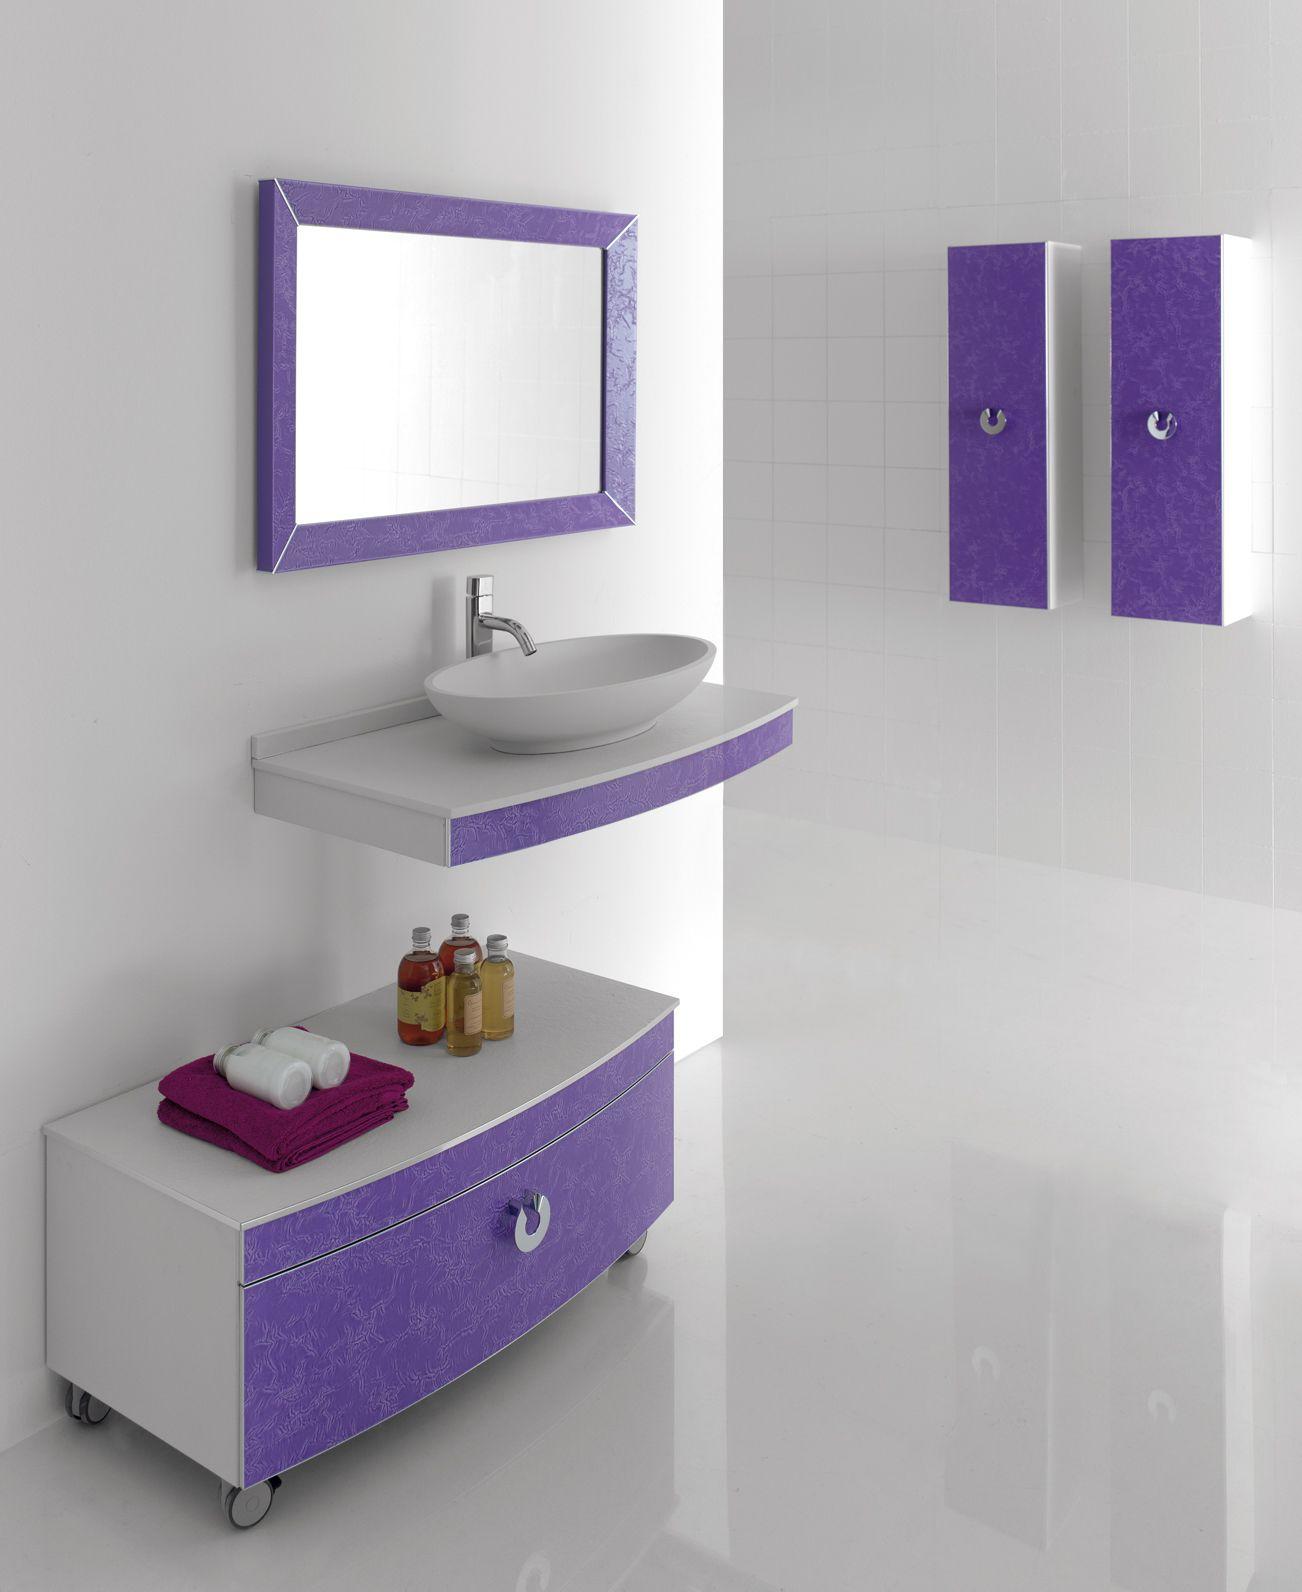 El ba o del color de Tu Ducha By Fiora Touch Your Bathroom